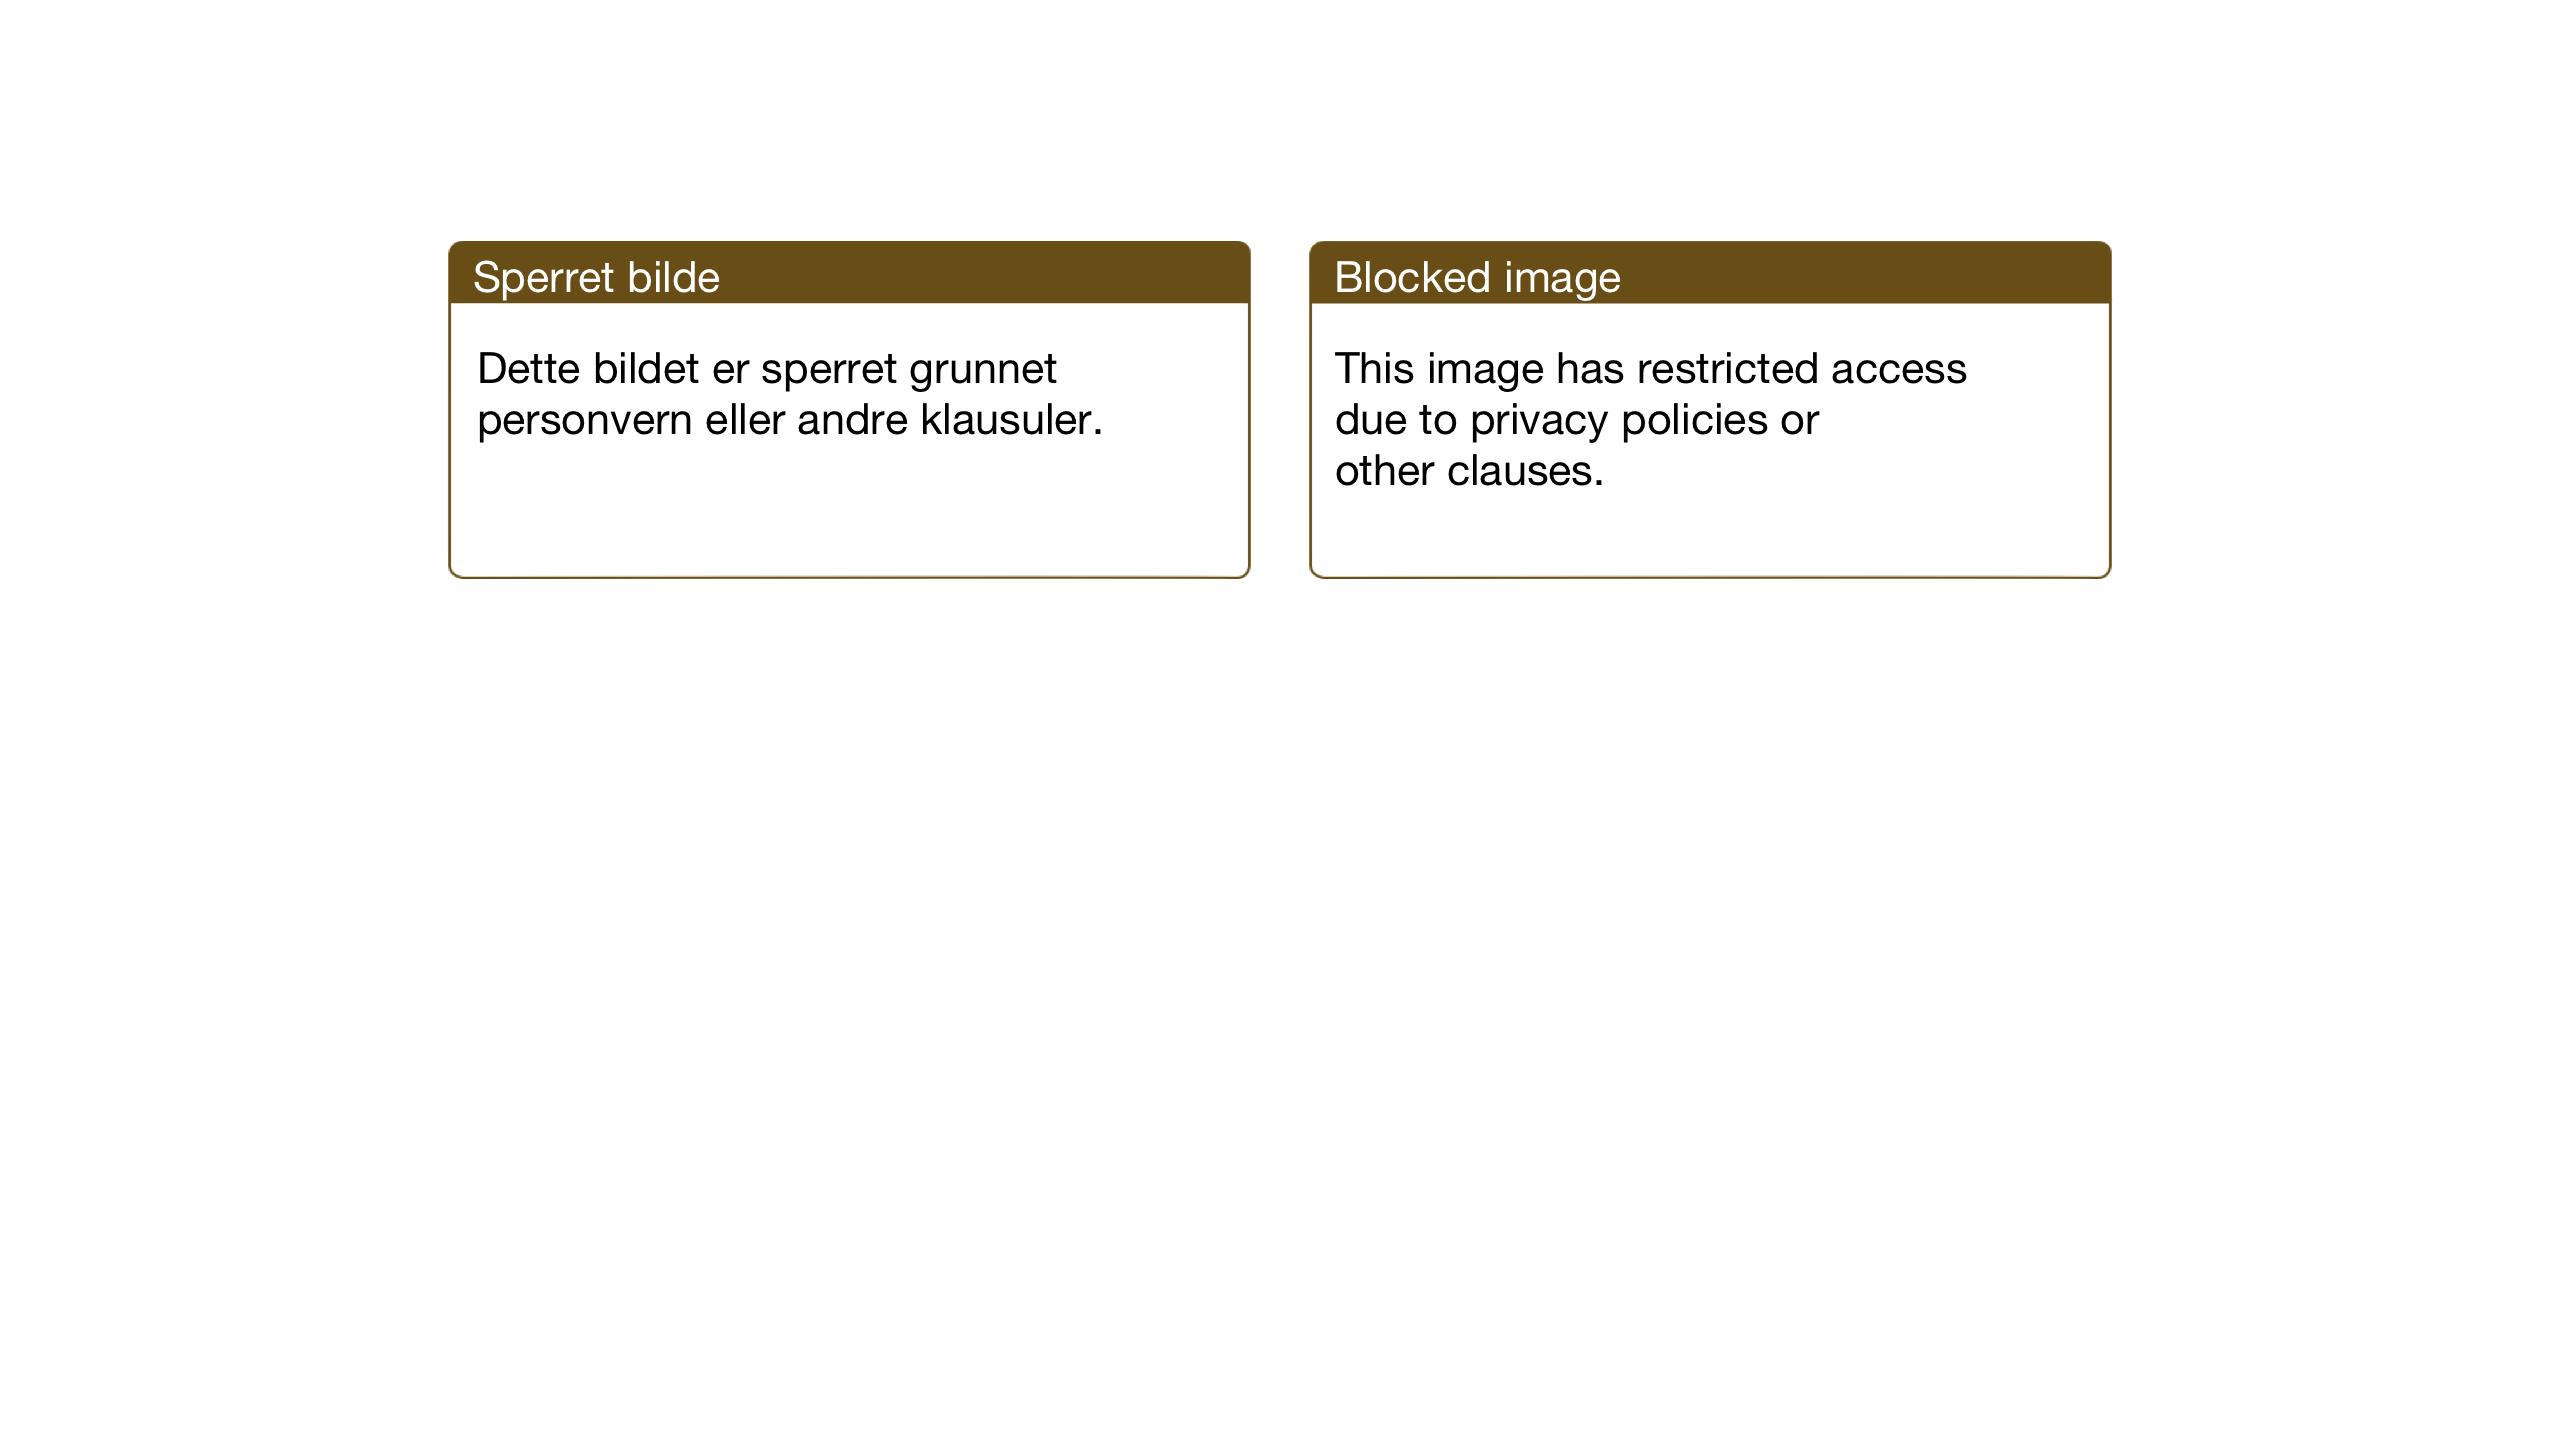 SAT, Ministerialprotokoller, klokkerbøker og fødselsregistre - Sør-Trøndelag, 669/L0832: Klokkerbok nr. 669C02, 1925-1953, s. 151